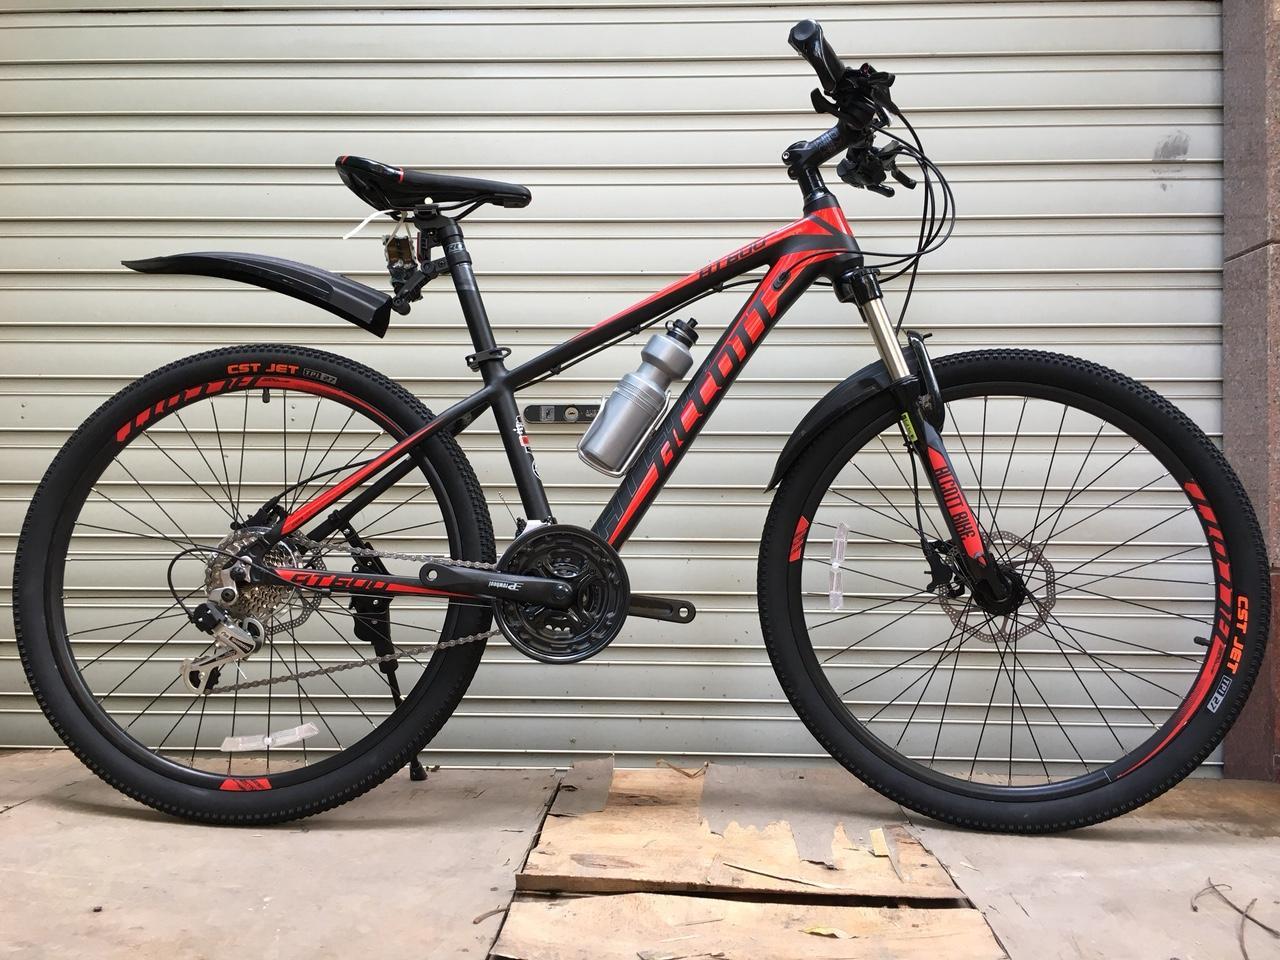 Xe đạp thể thao cao cấp - AT 600- Khung nhôm - Phanh dầu - Đỏ đen